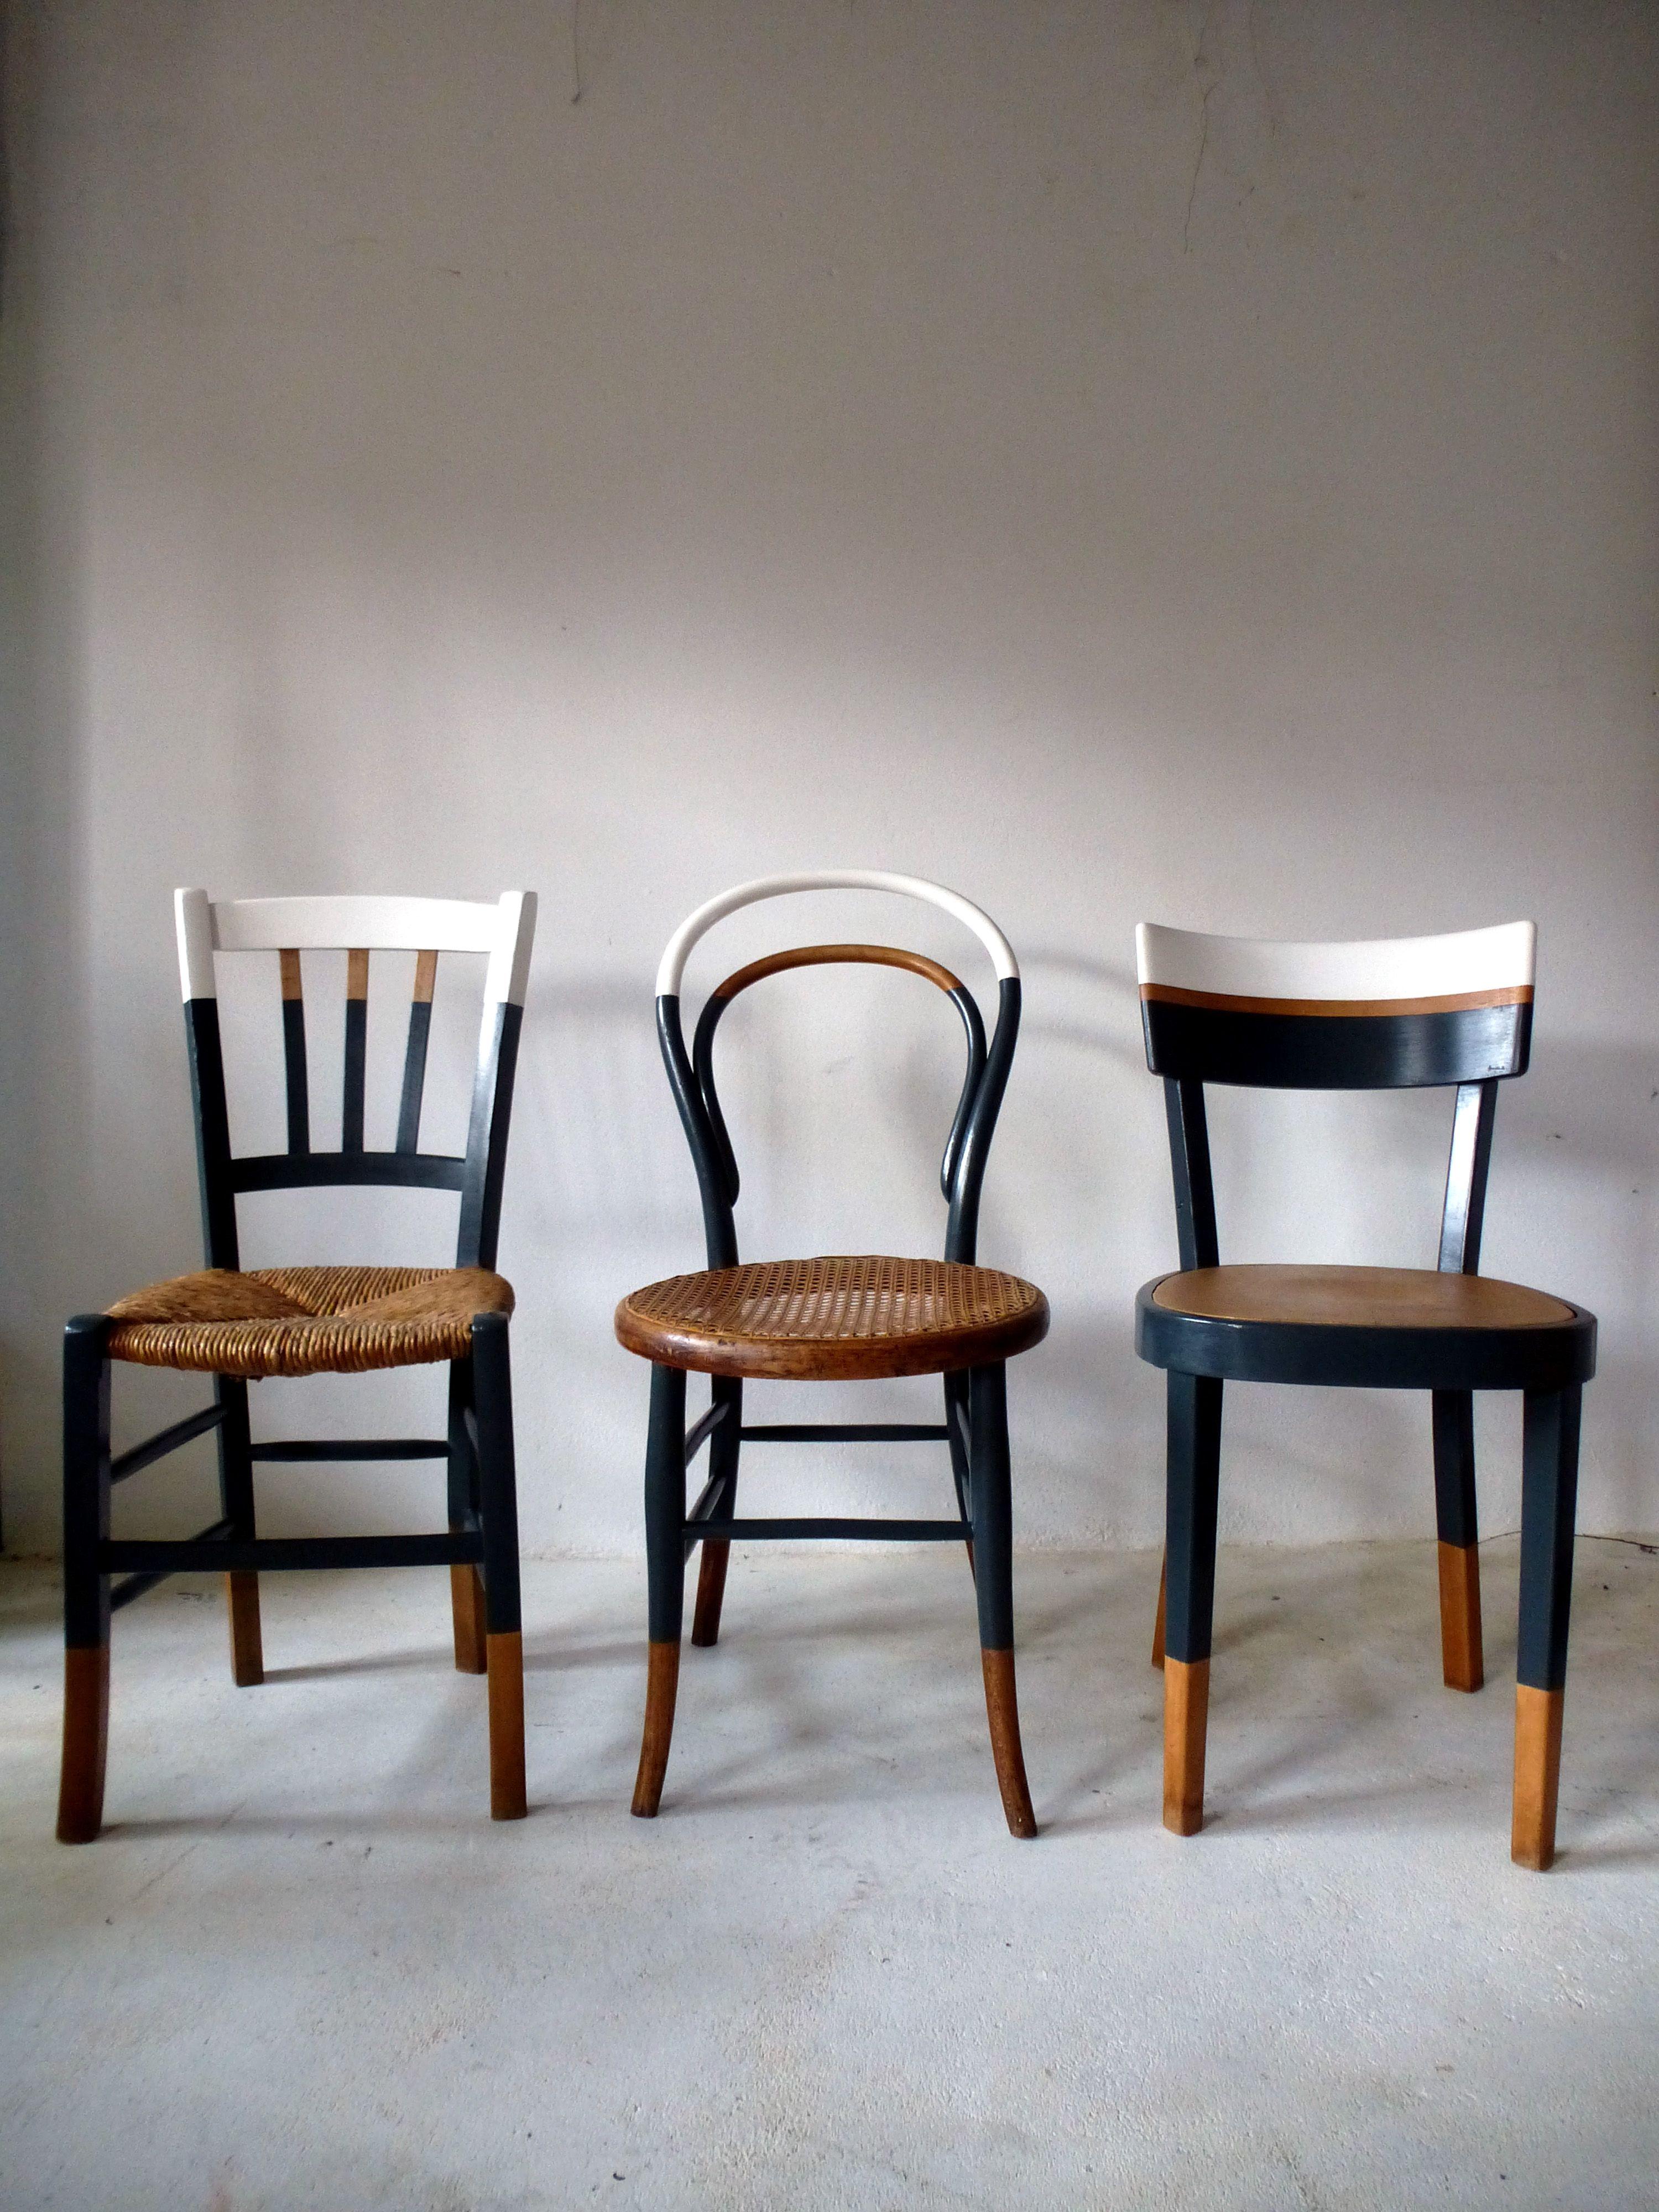 Ensemble De 6 Chaises Anciennes Depareillees Vintage Cuisine Bistrot Relookees Dans Le Meme Style 3 Relooking De Mobilier Mobilier De Salon Chaise Fauteuil